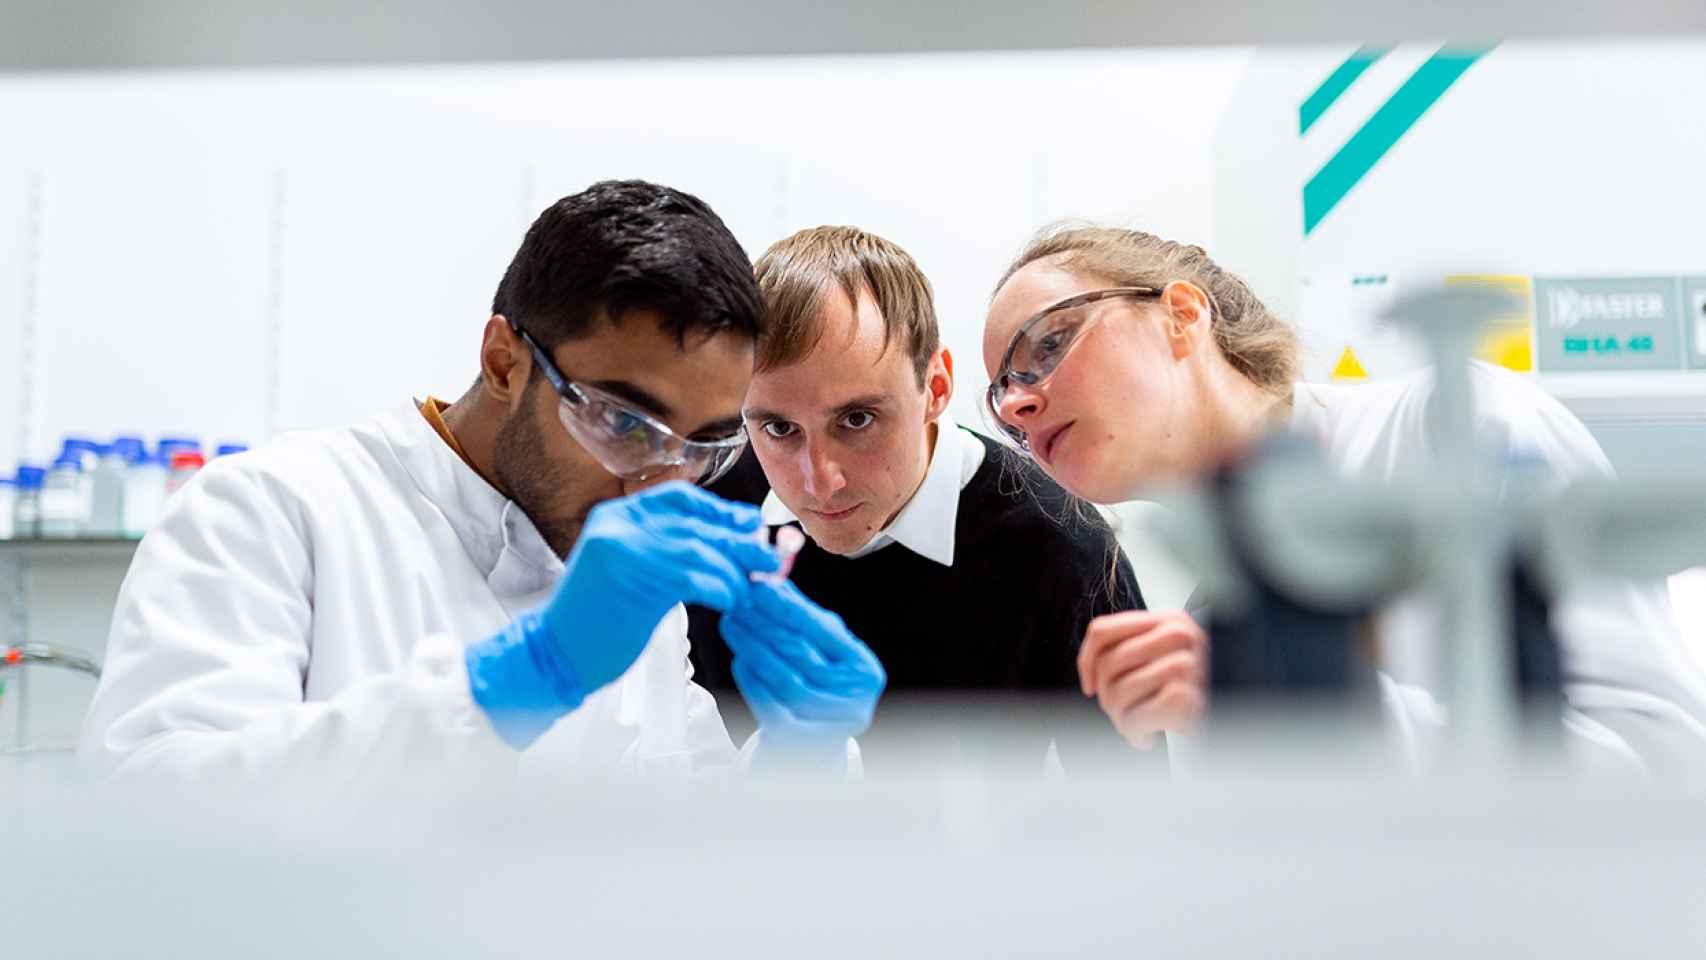 El nuevo reto de la Unesco: reducir las brechas en innovación y ciencia entre países.